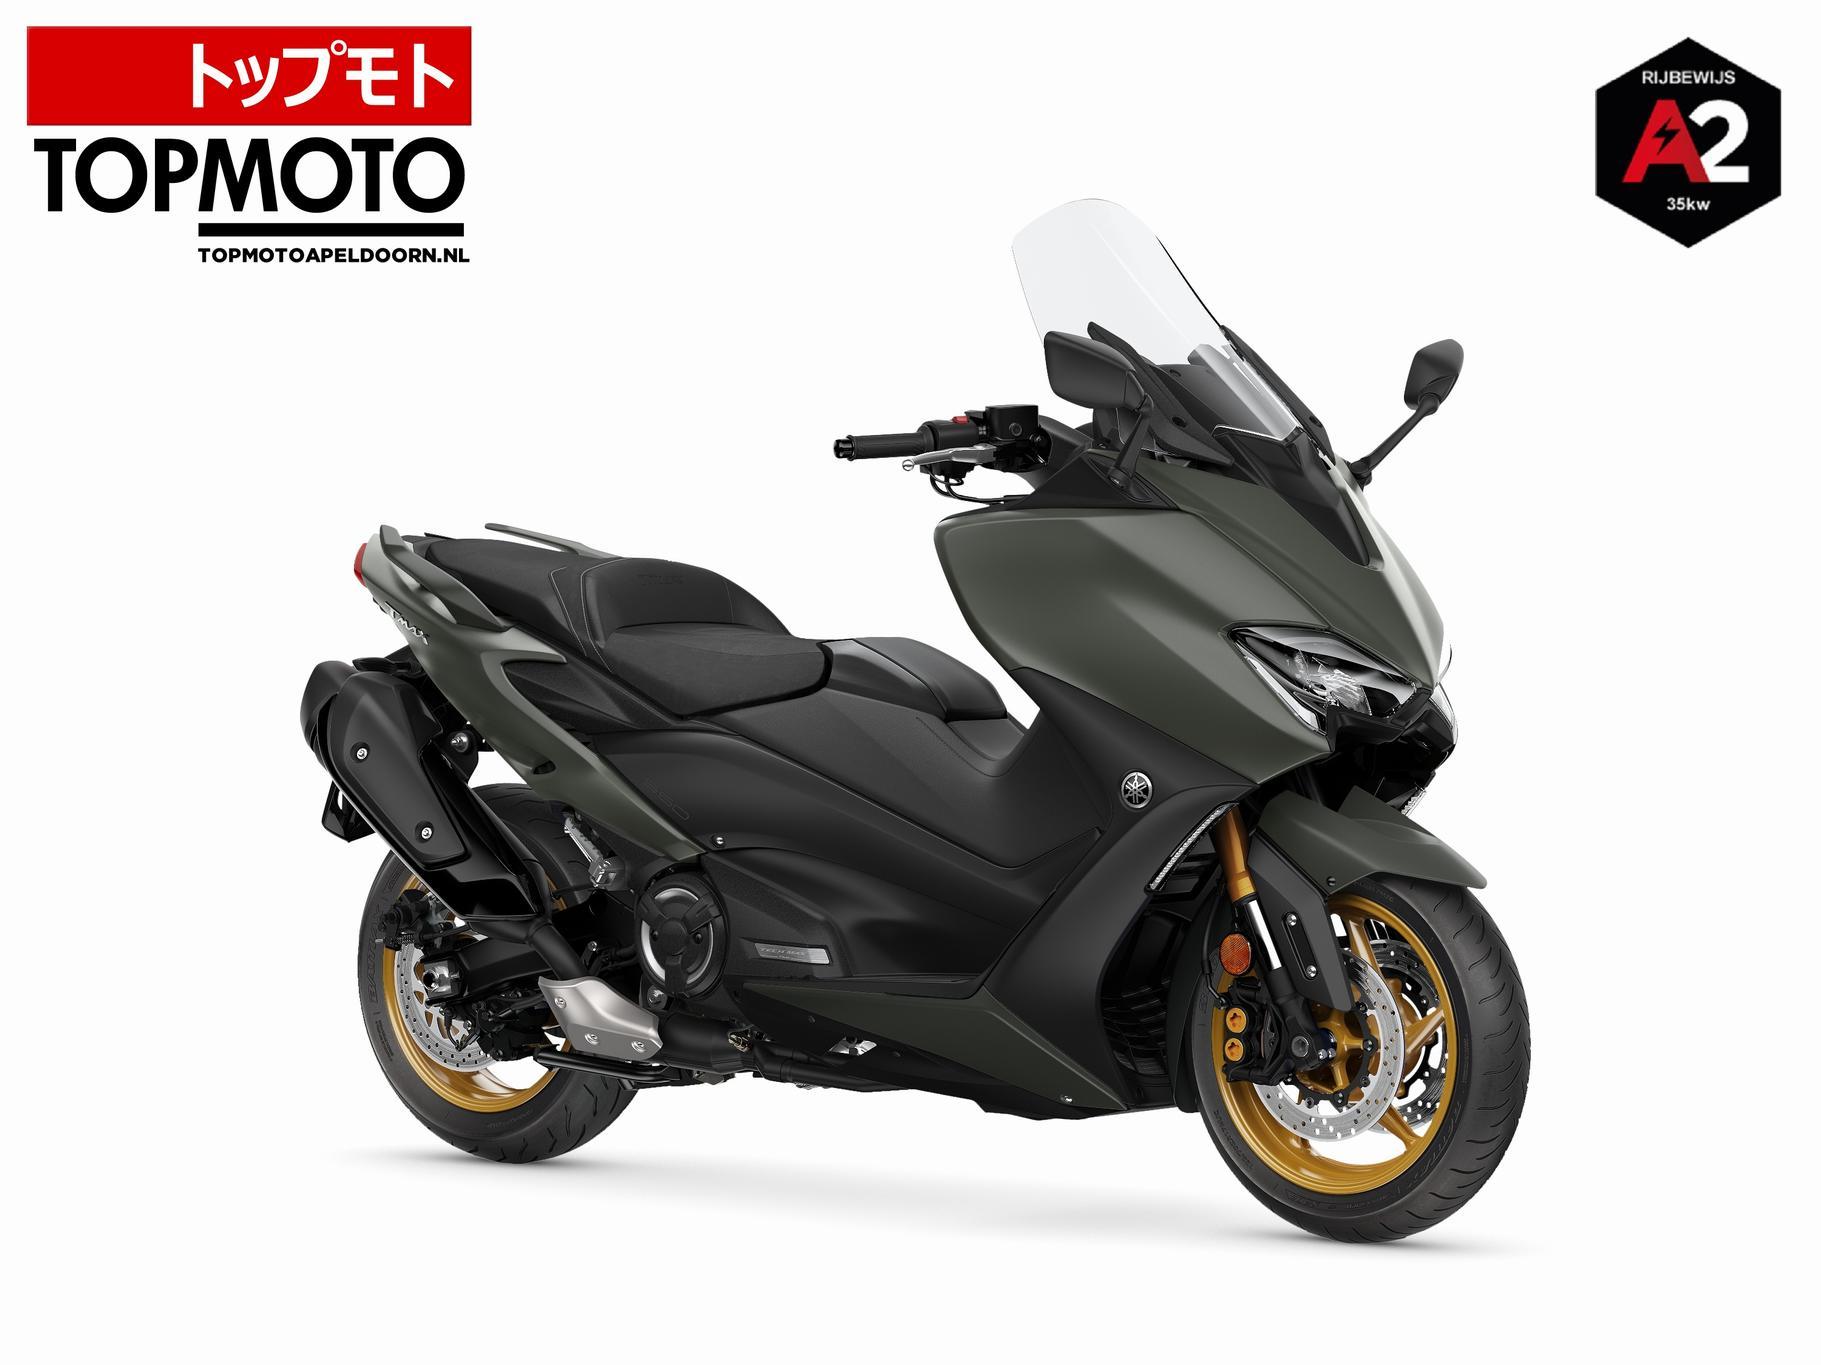 YAMAHA - XP 560 Tech Max ABS